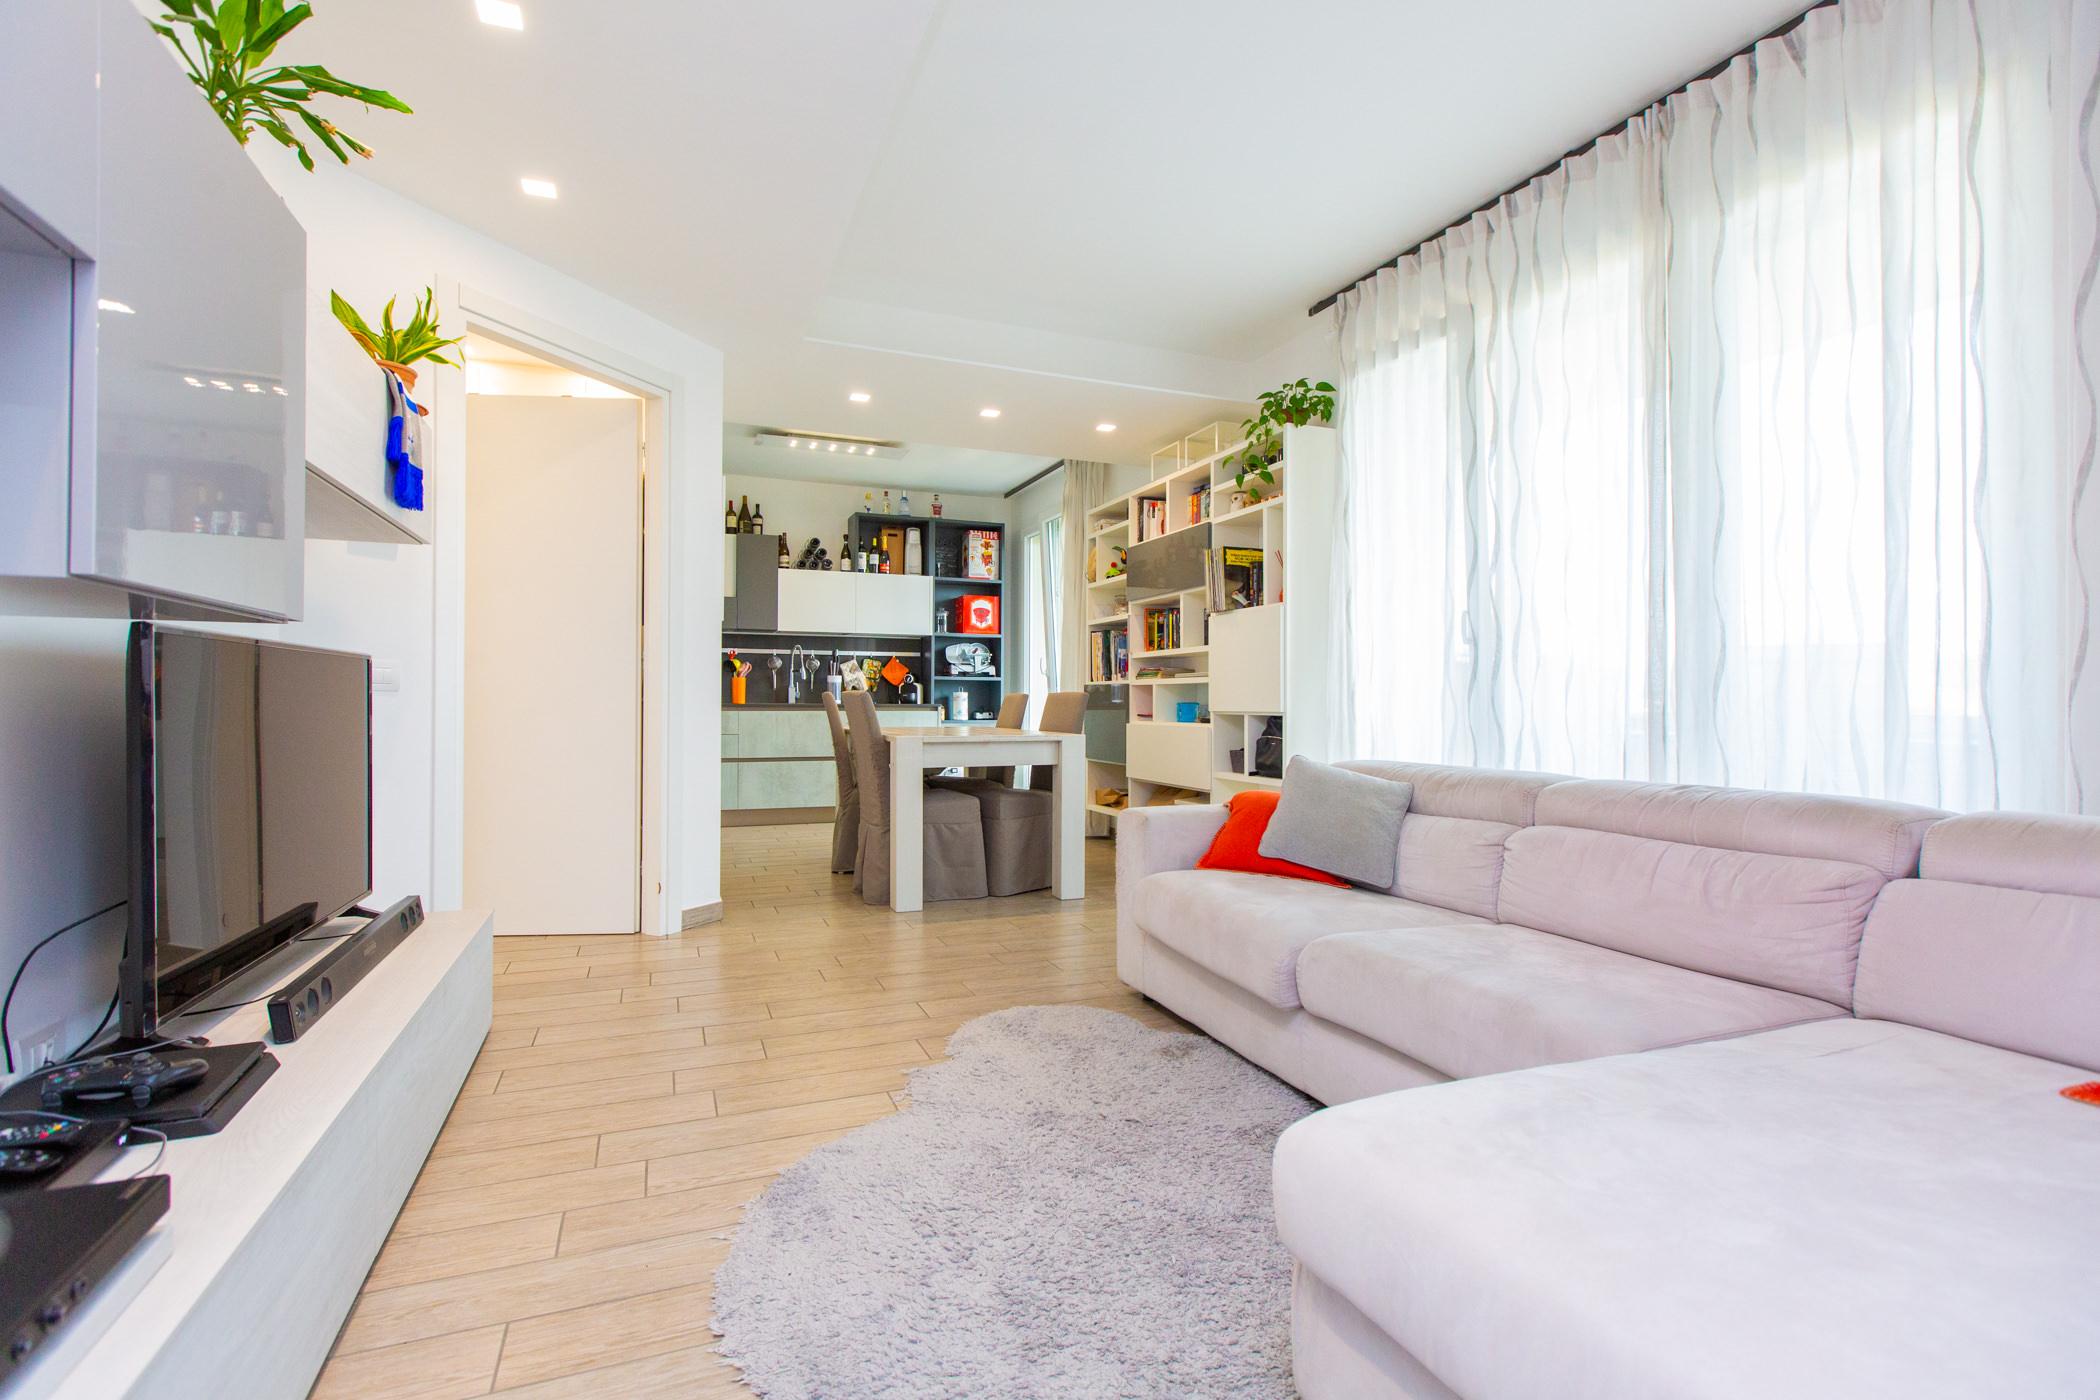 Recente appartamento con terrazzo, box e cantina